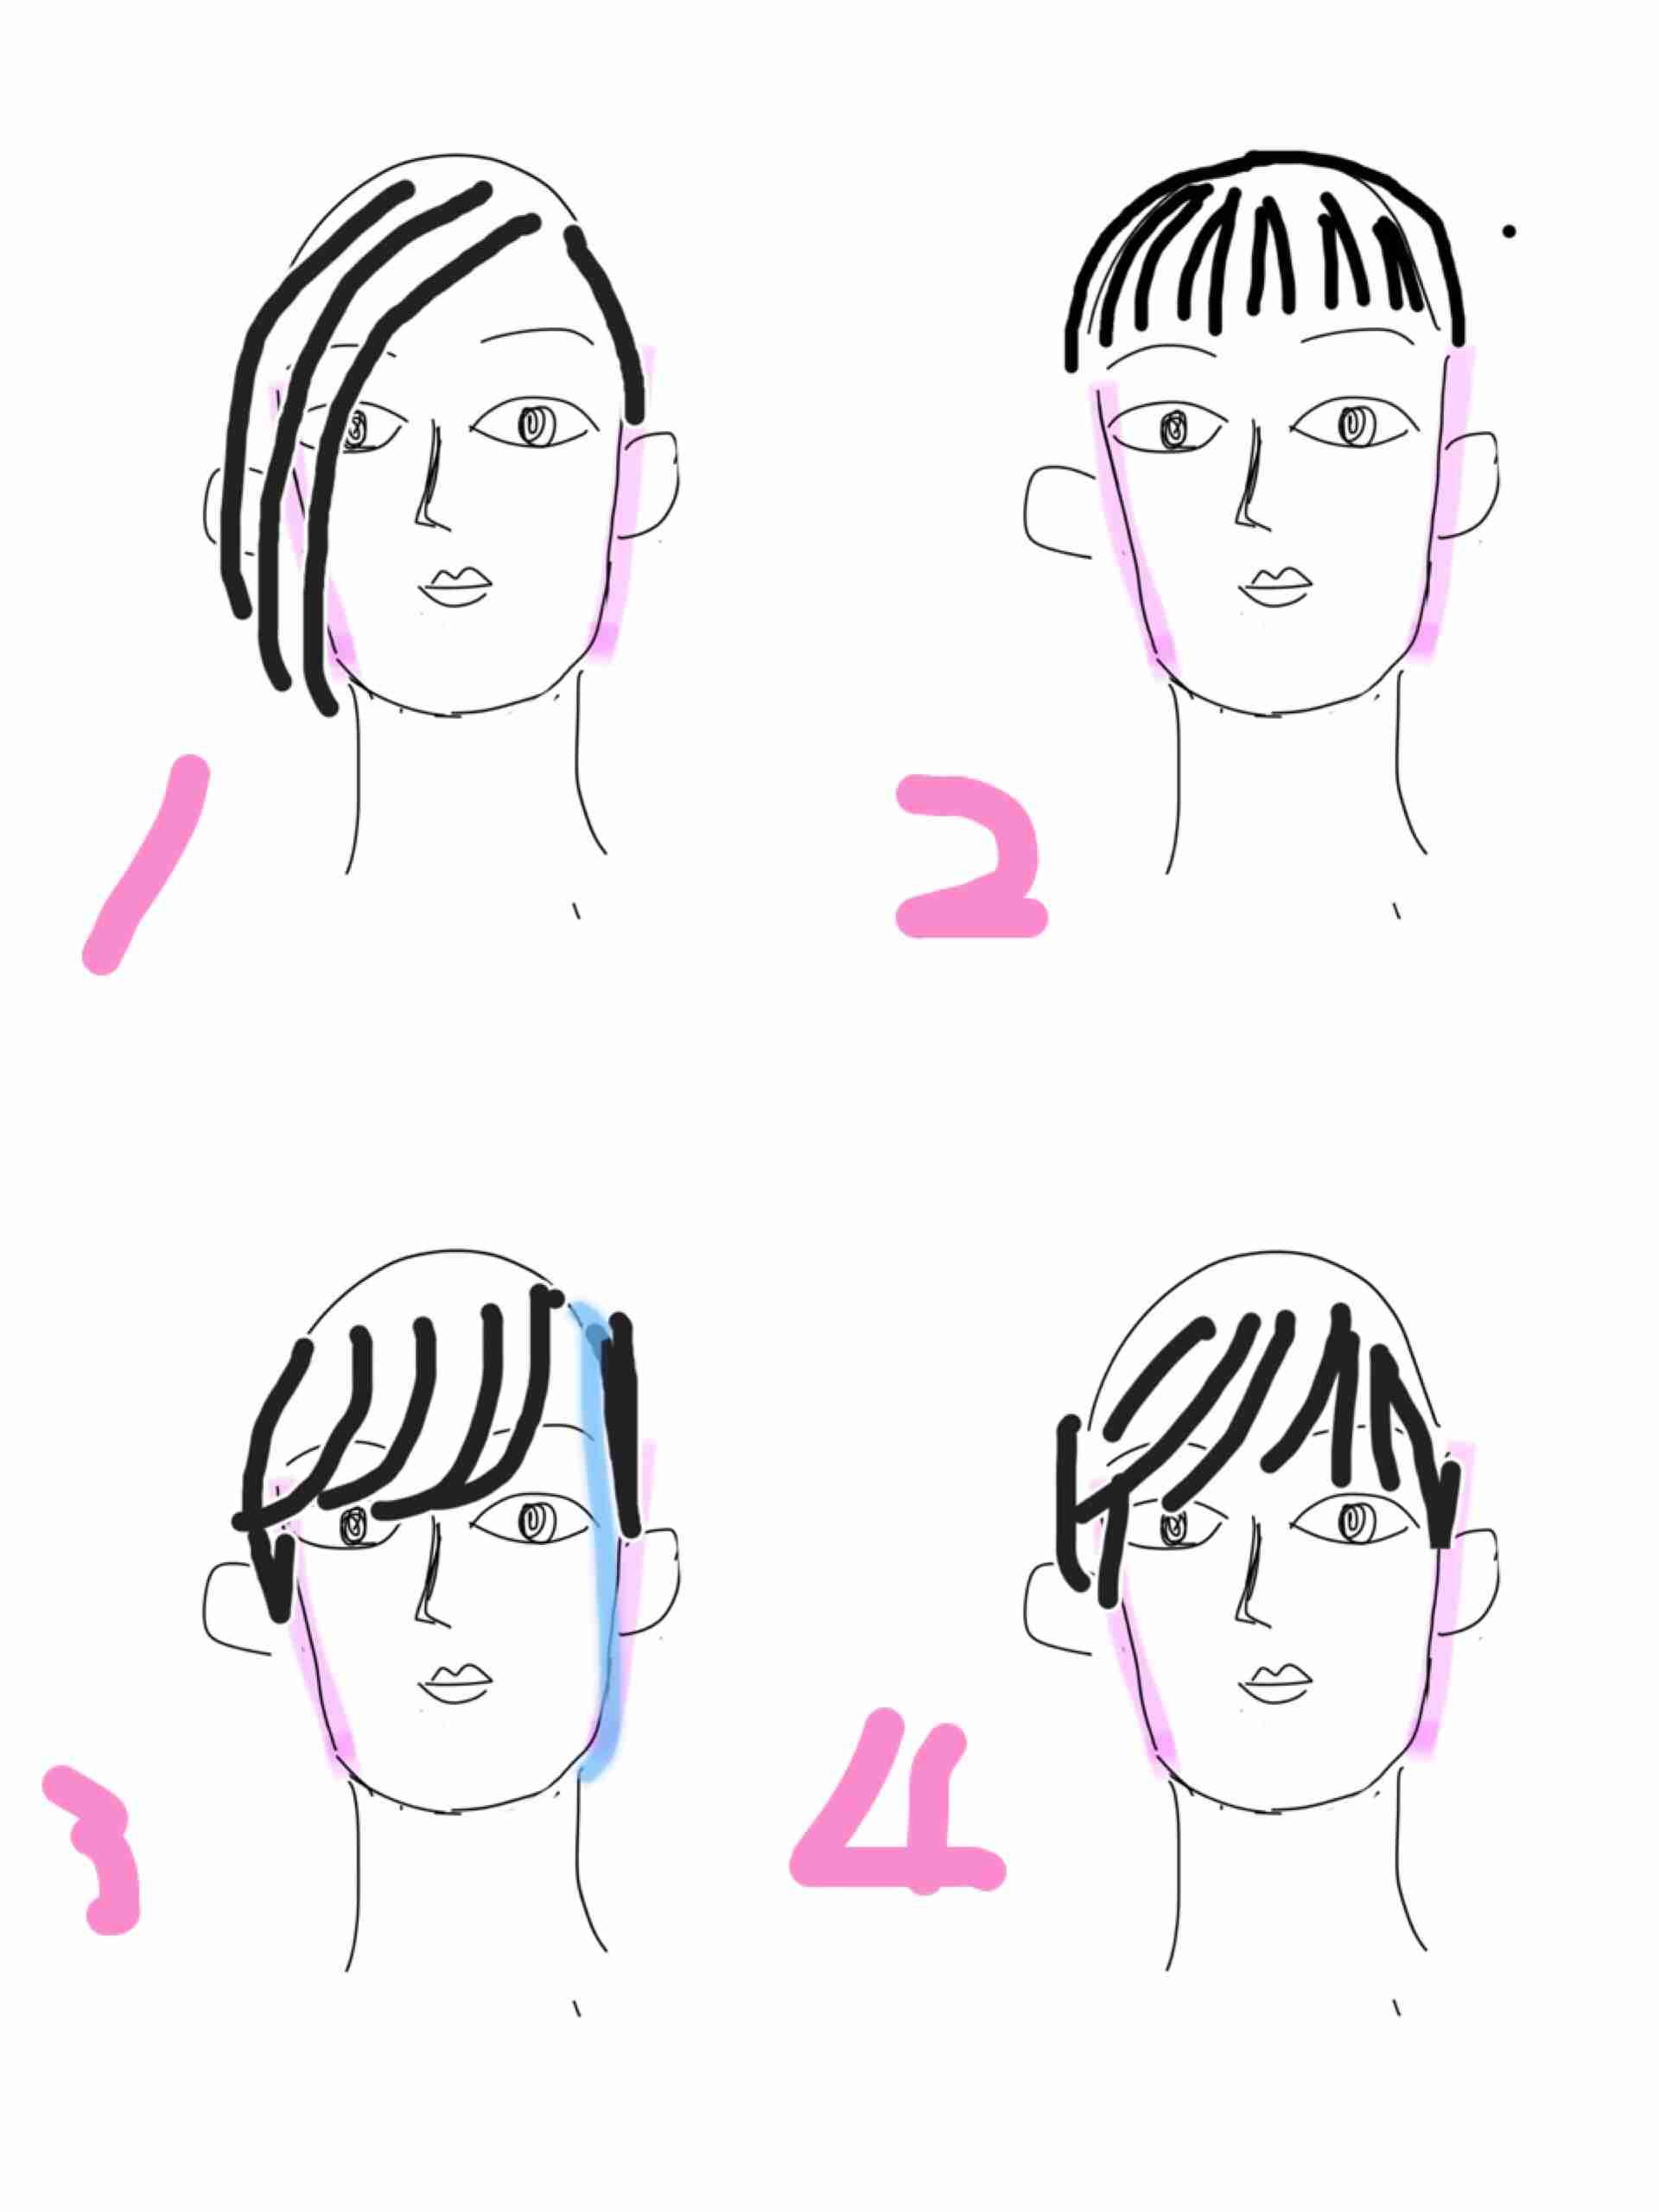 面長に似合う髪型はなんですか?